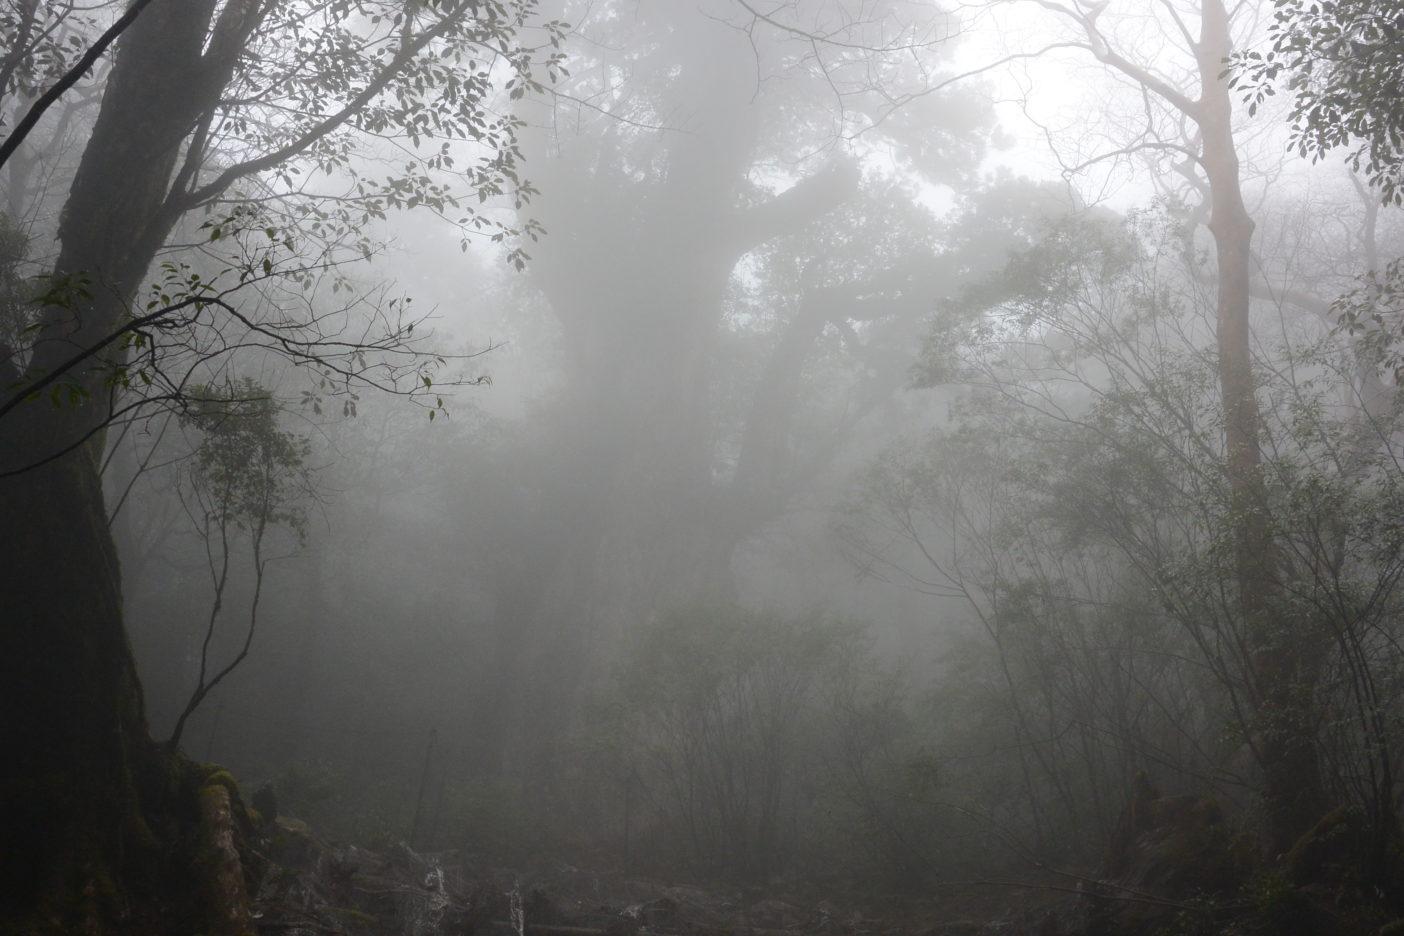 霧が濃く、迫力ある縄文杉もうっすらと幻のよう。写真:大野睦